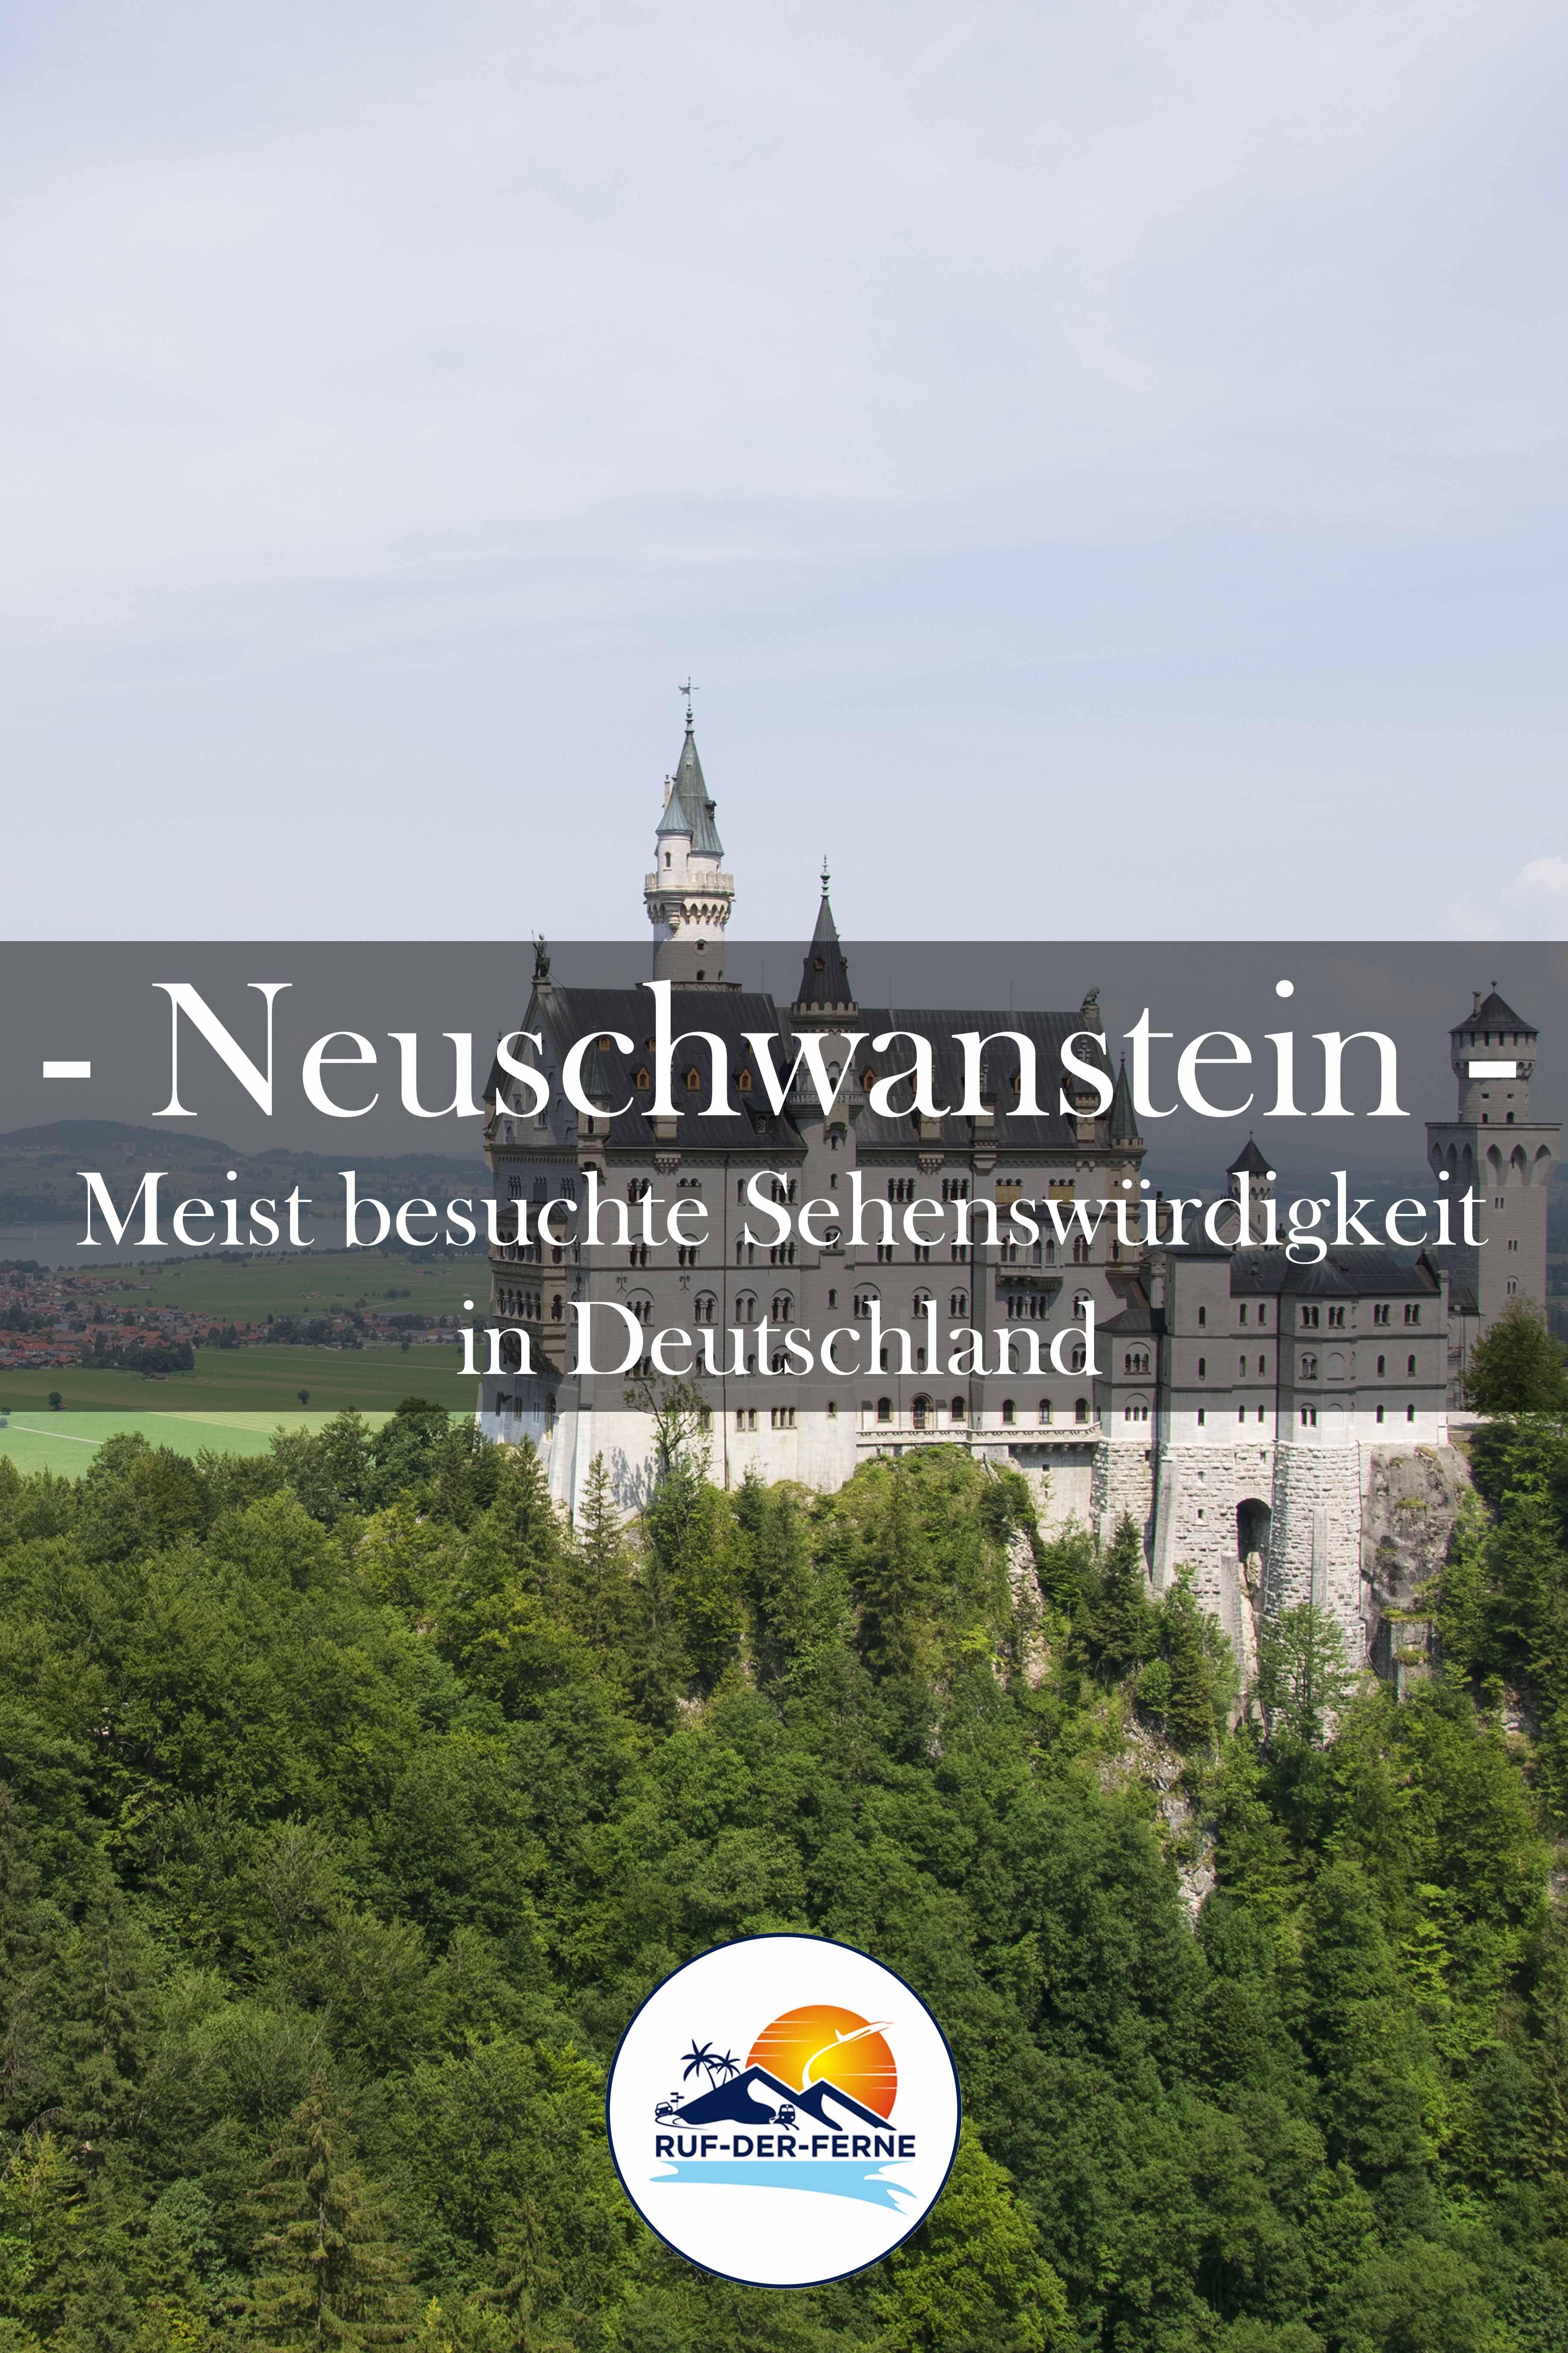 Neuschwanstein Meist Besuchte Sehenswurdigkeit In Deutschland In 2020 Neuschwanstein Deutsche Sehenswurdigkeiten Sehenswurdigkeiten Deutschland